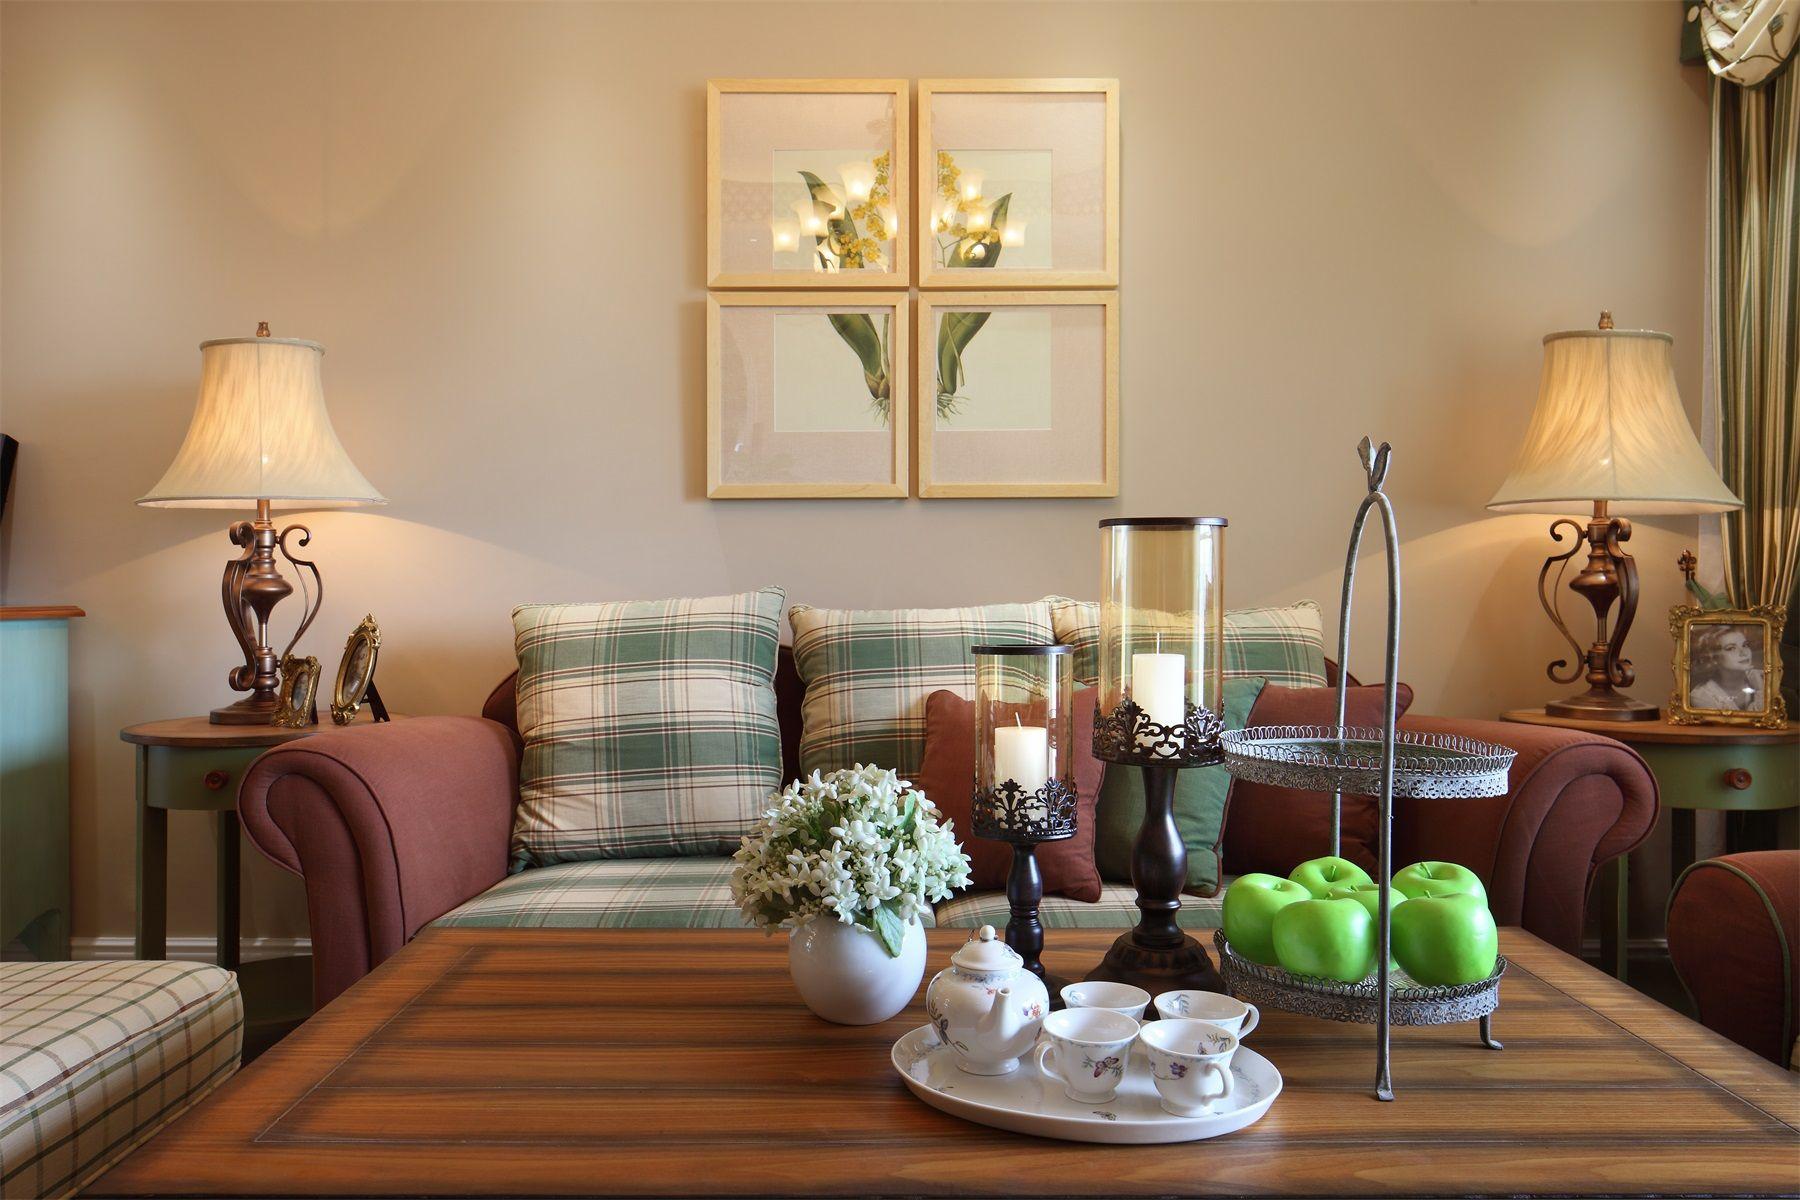 欧式的台灯两边对称,原木桌子上的一套金边花纹瓷茶碗分外吸引人。